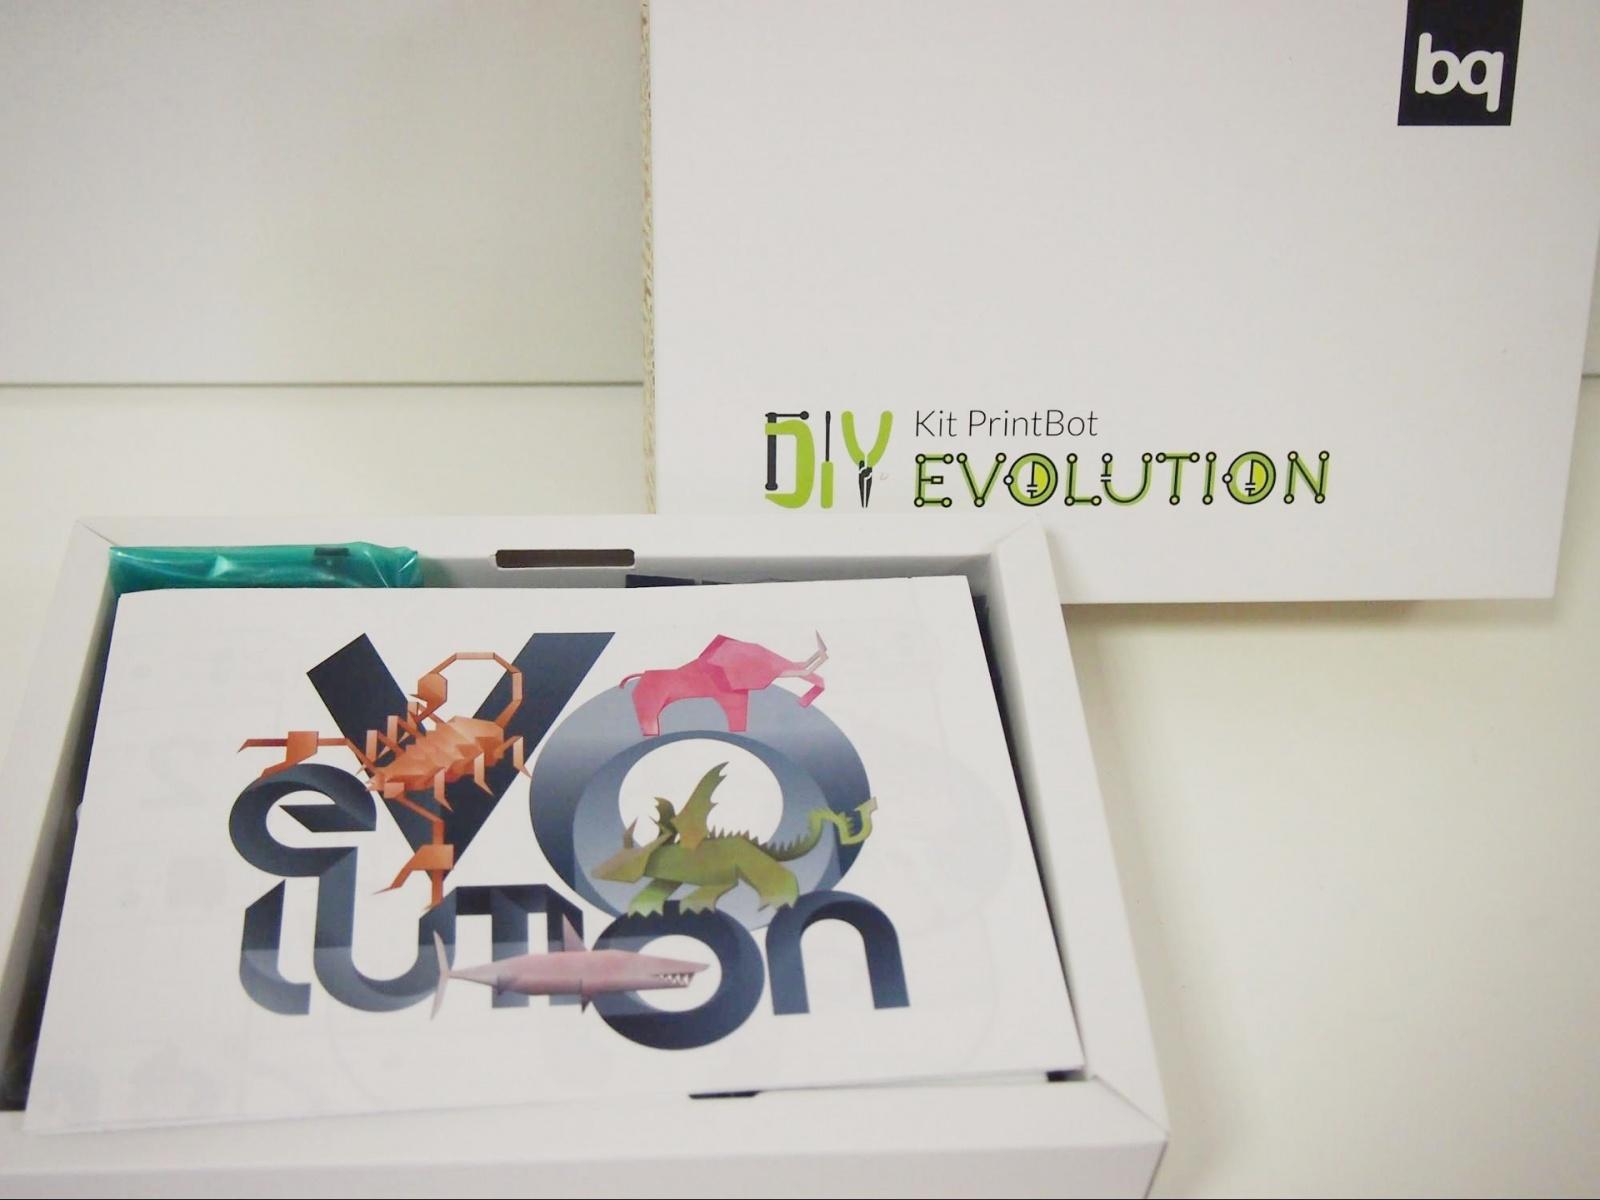 DIY Робот или эволюция в комплекте - 3